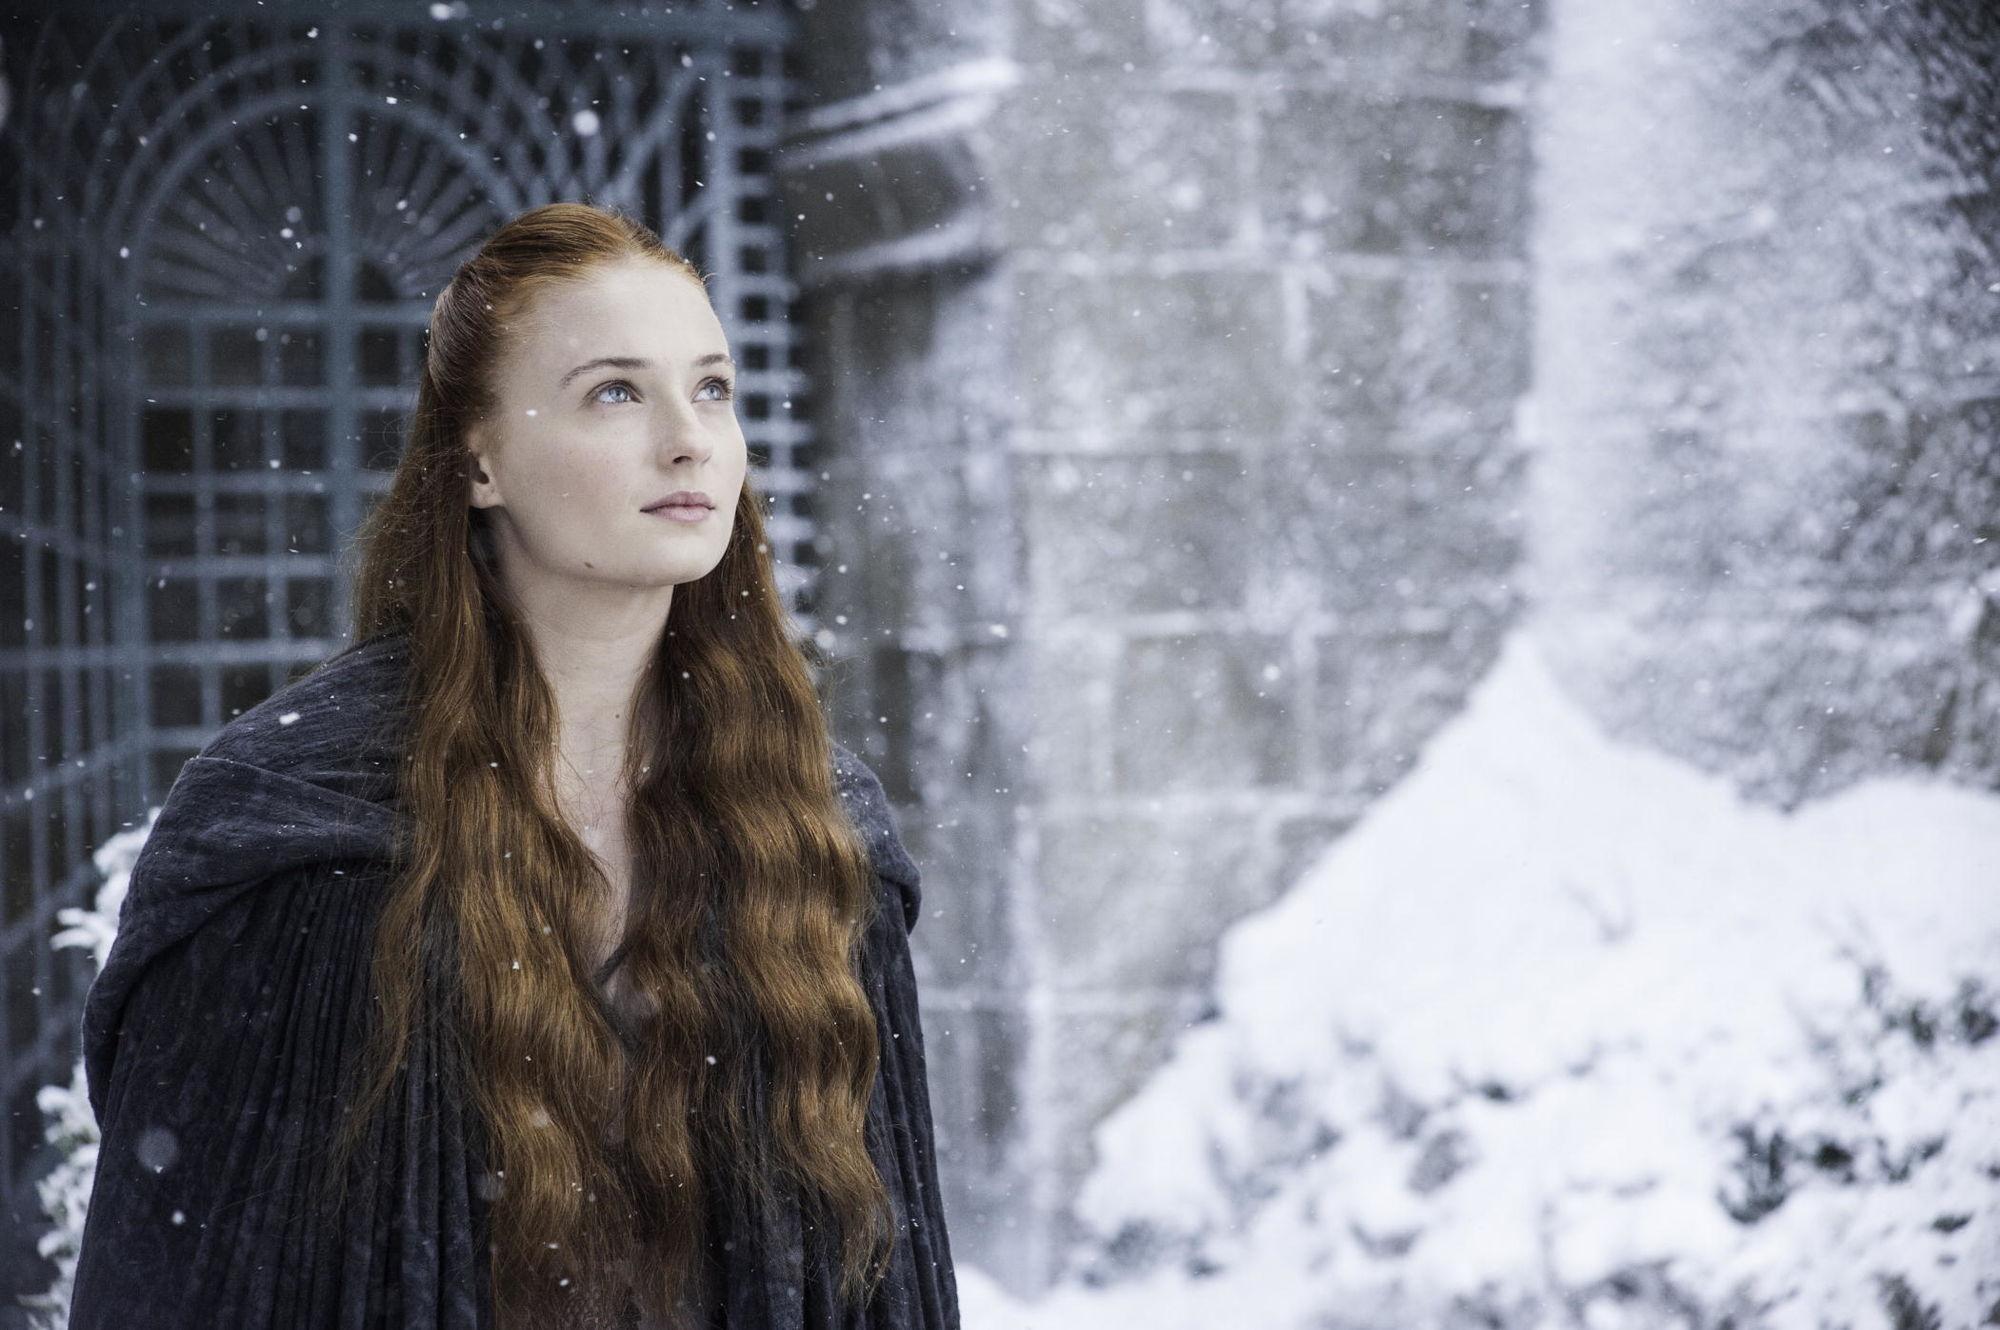 Папка «Фото», Зима пришла! Все, что нужно знать об Игре престолов – Санса Старк.